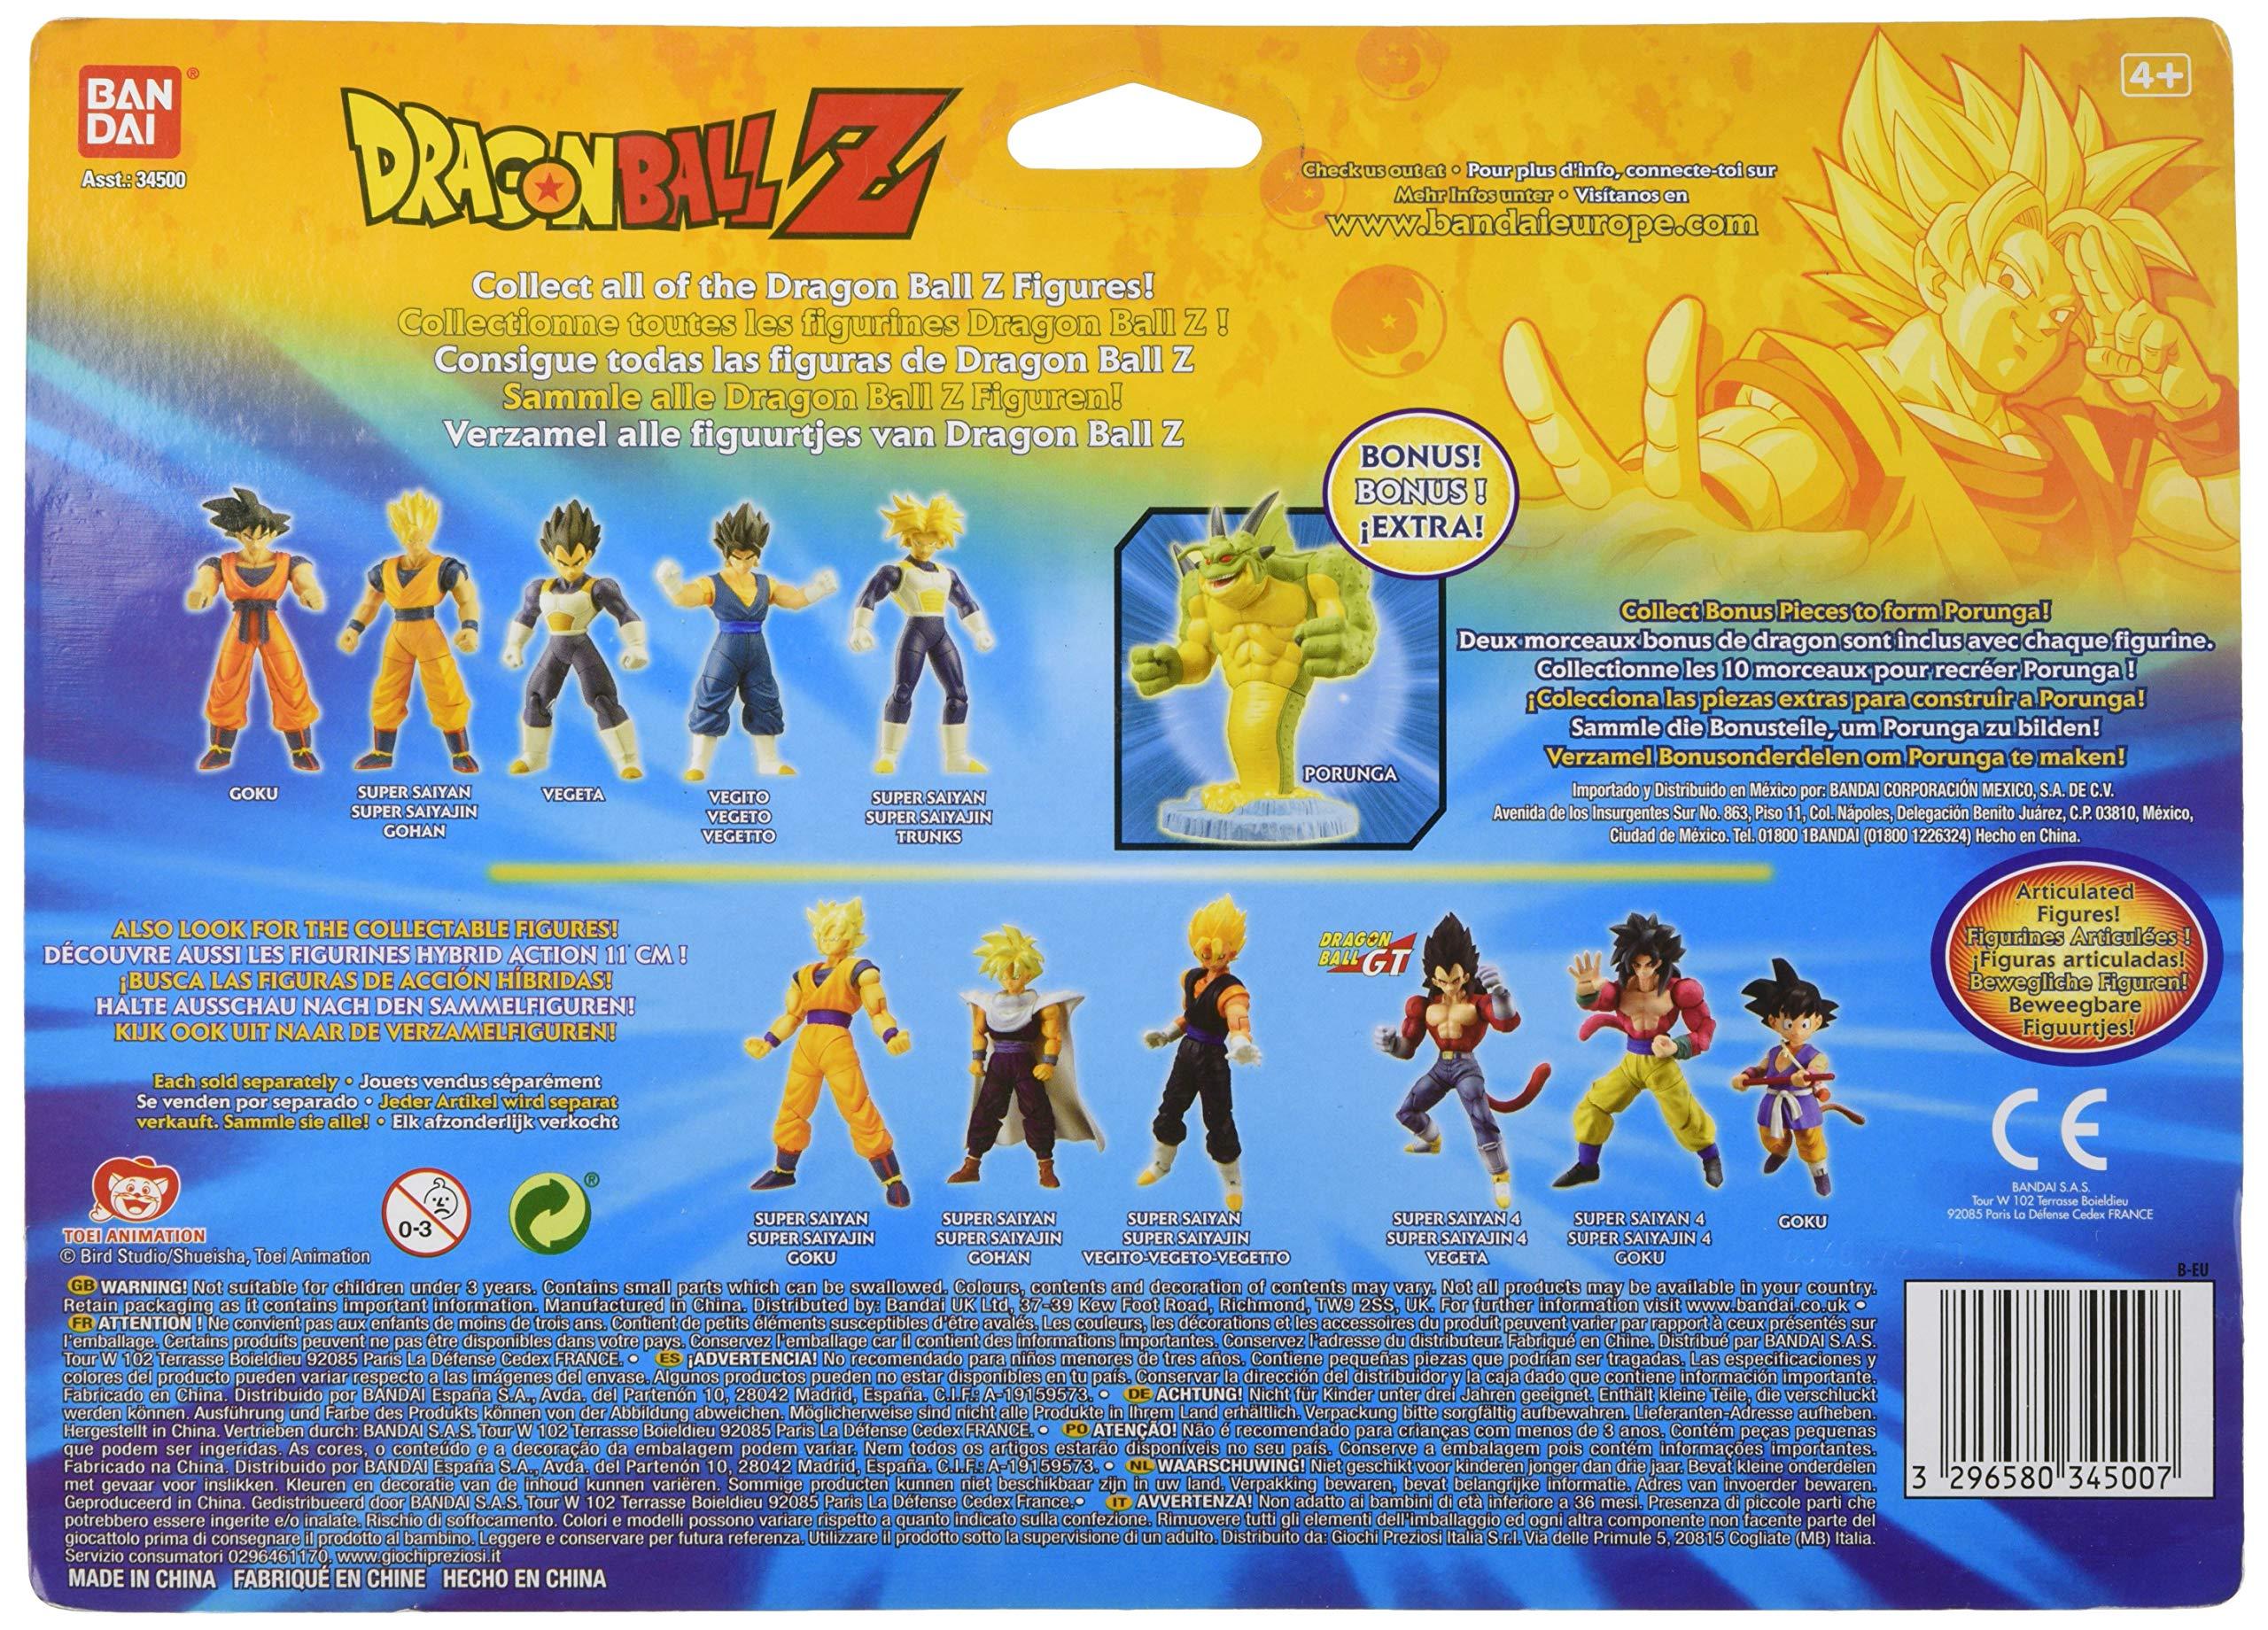 Bandai 34503 - Dragon Ball Z, pack de 5 figuras (héroes), modelos surtidos: Amazon.es: Juguetes y juegos